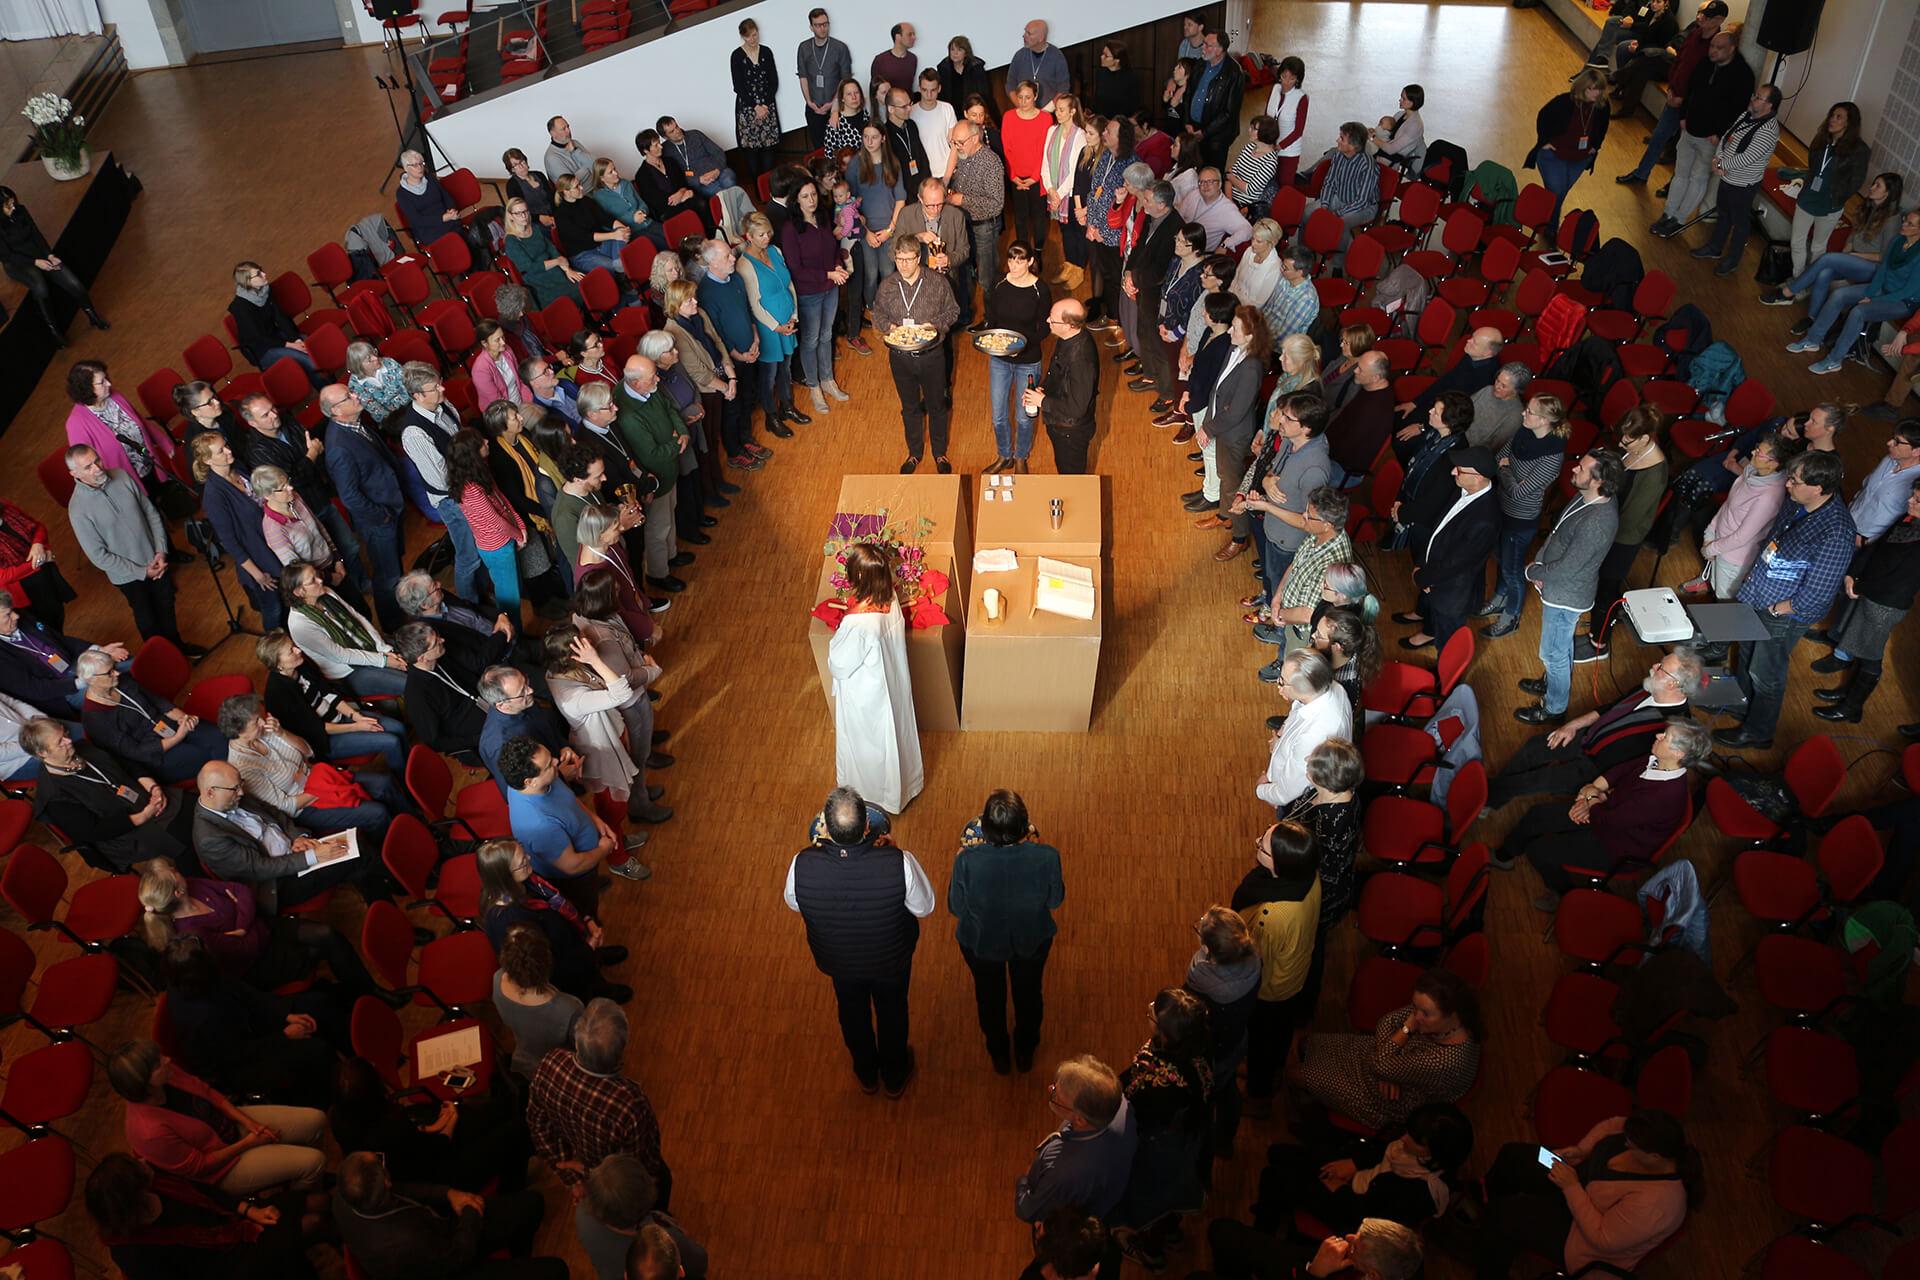 Der Altartisch während einer Messe, in Mitte der kompletten Gemeinde.